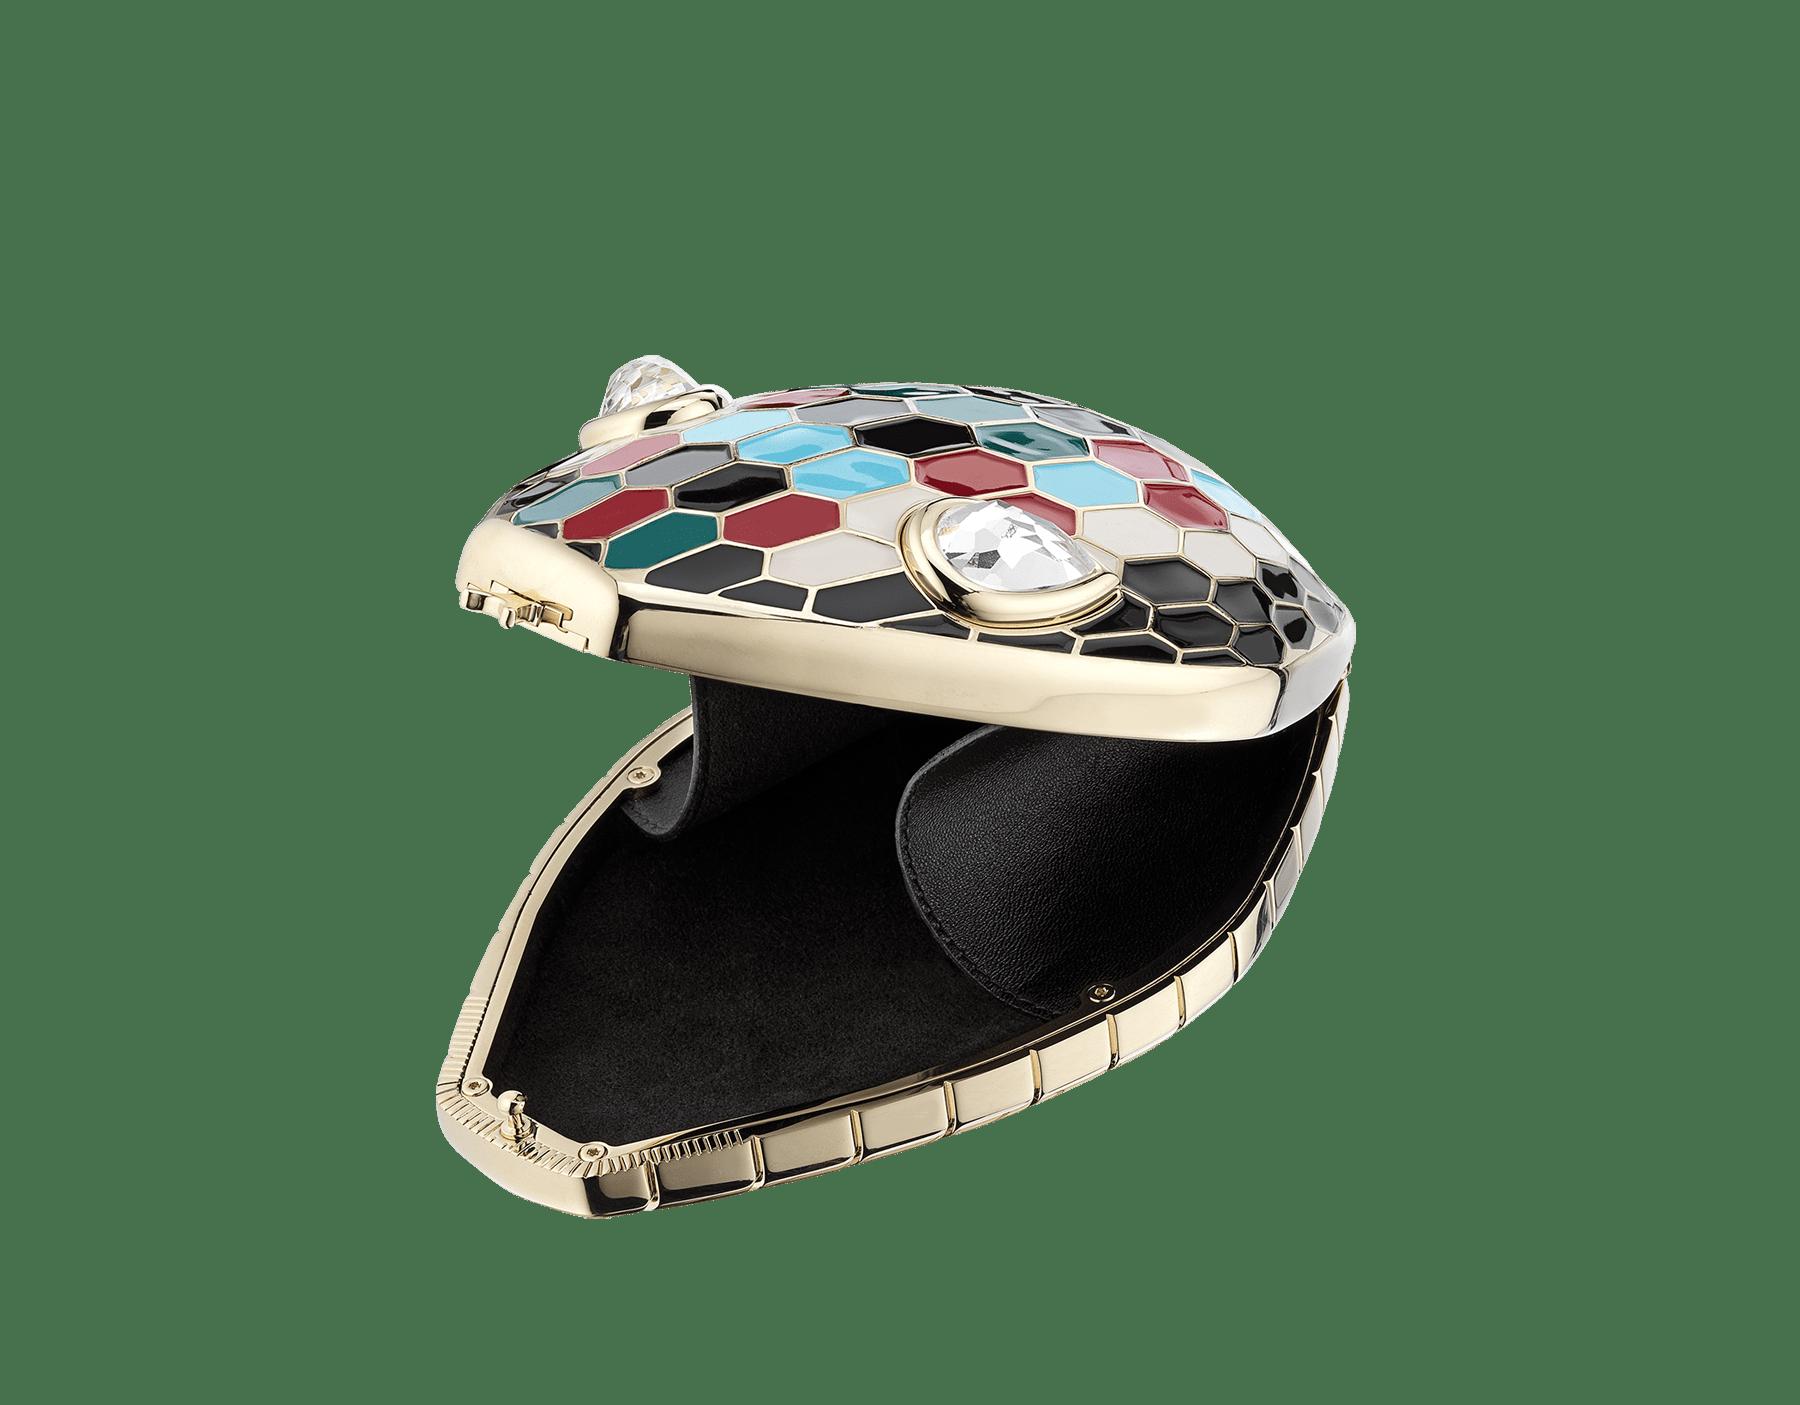 Минодьер Mary Katrantzou x Bvlgari, алюминий с покрытием из светлого золота, чешуйки из разноцветной эмали, гипнотические глаза из хрусталя. Специальная серия. MK-1153 image 2